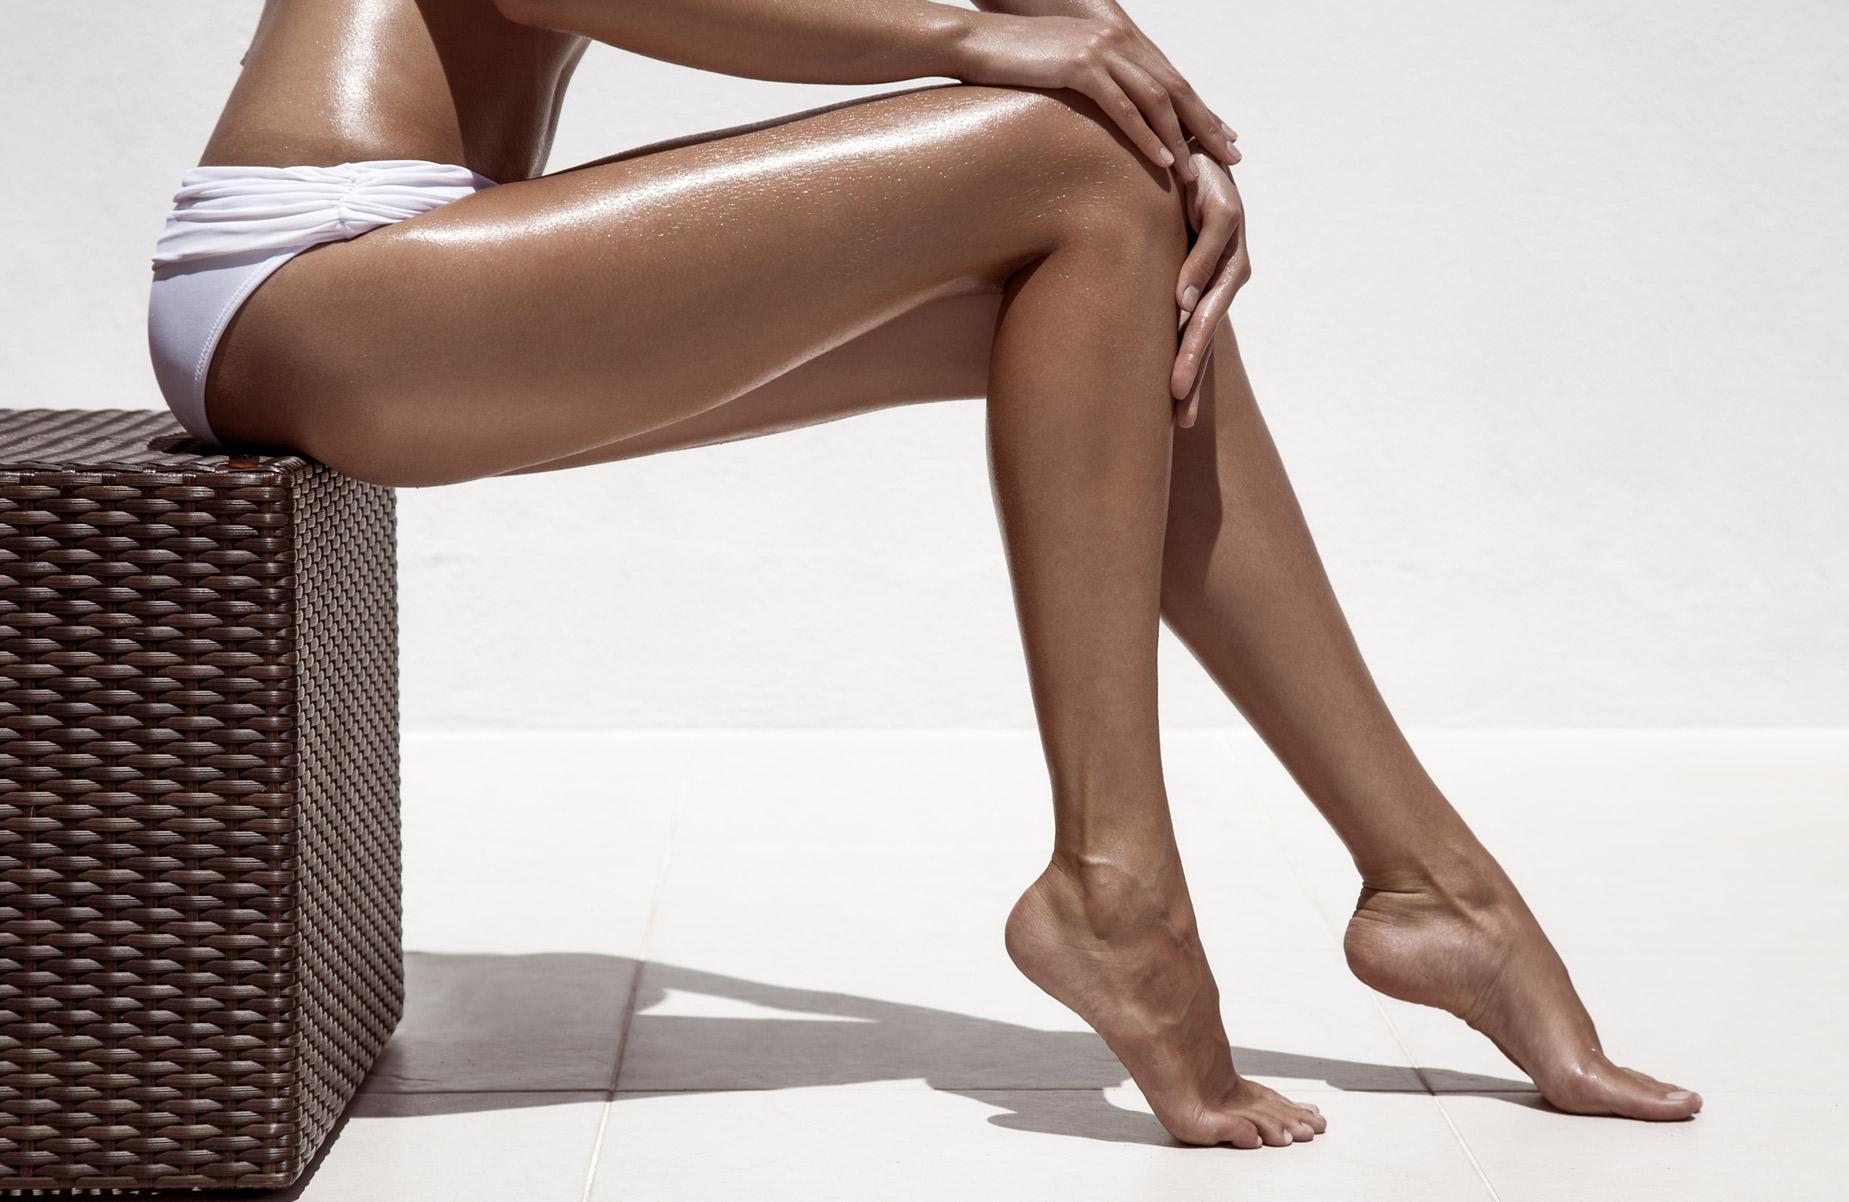 Девушка с гладкими ногами фото